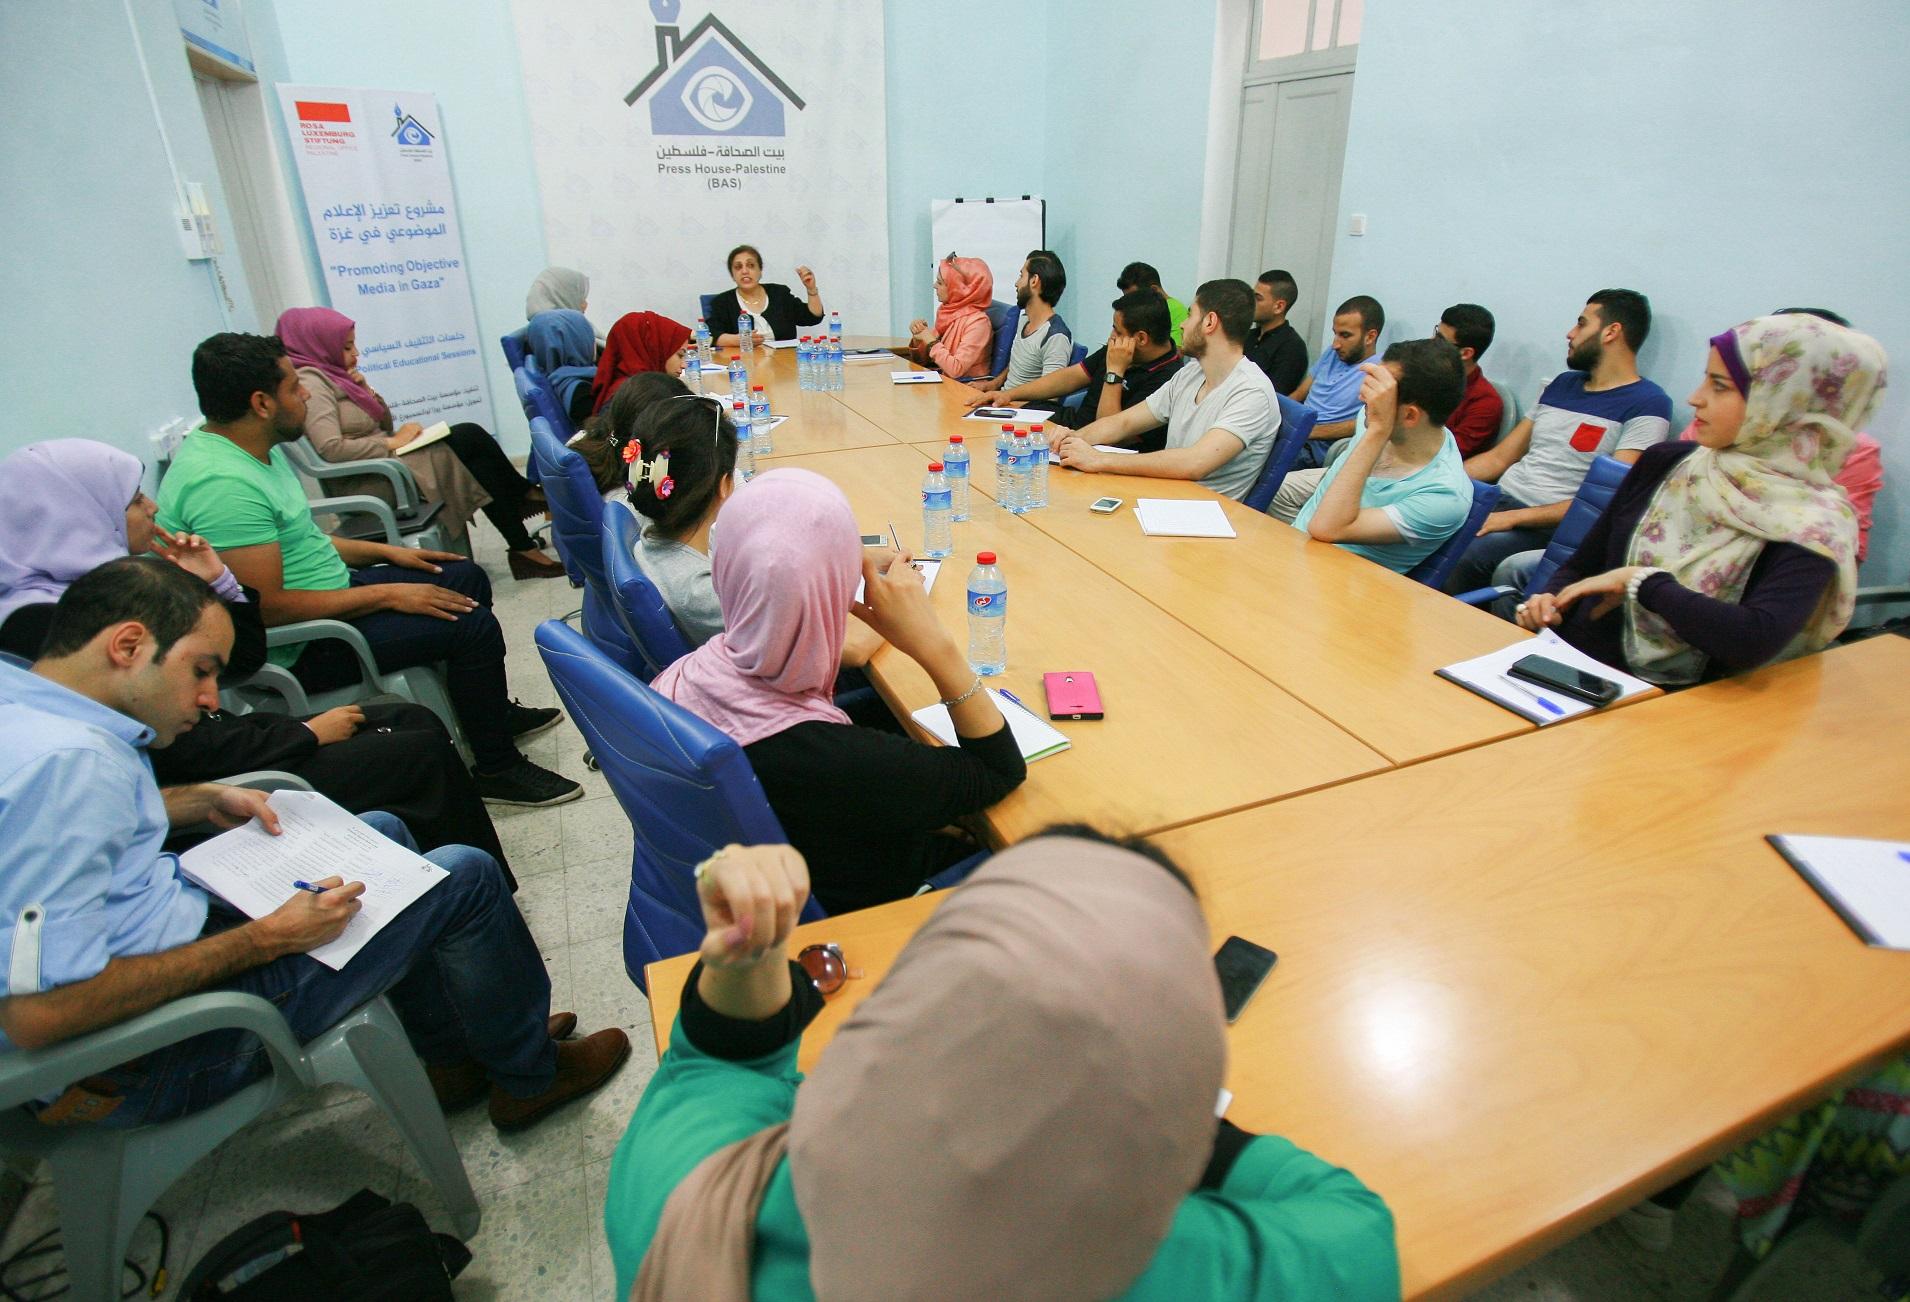 بيت الصحافة تختتم 10 جلسات تثقيفية ضمن مشروع تعزيز الاعلام الموضوعي في غزة